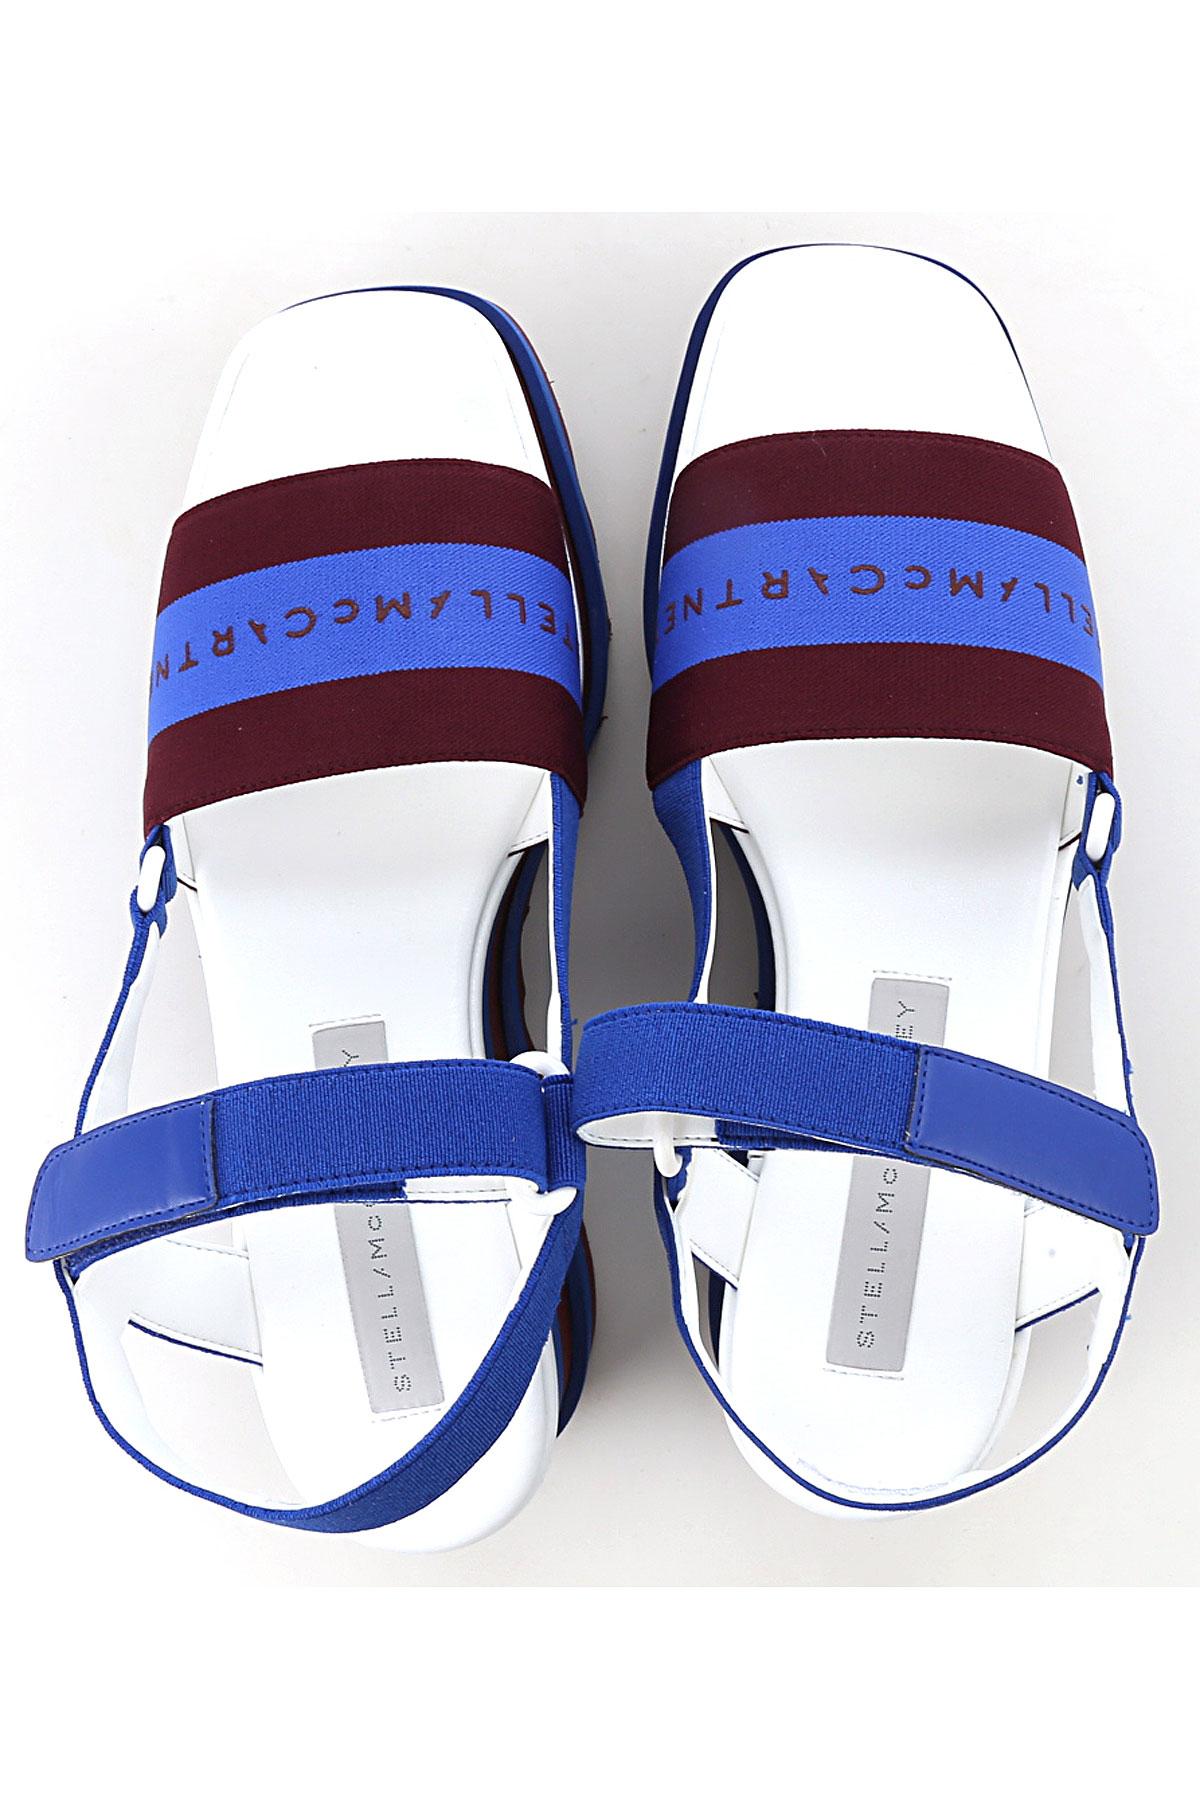 Primavera verano Burdeos Bluette Para Stella Mujer Zapatos Mccartney 2019 ZnUxIaXp